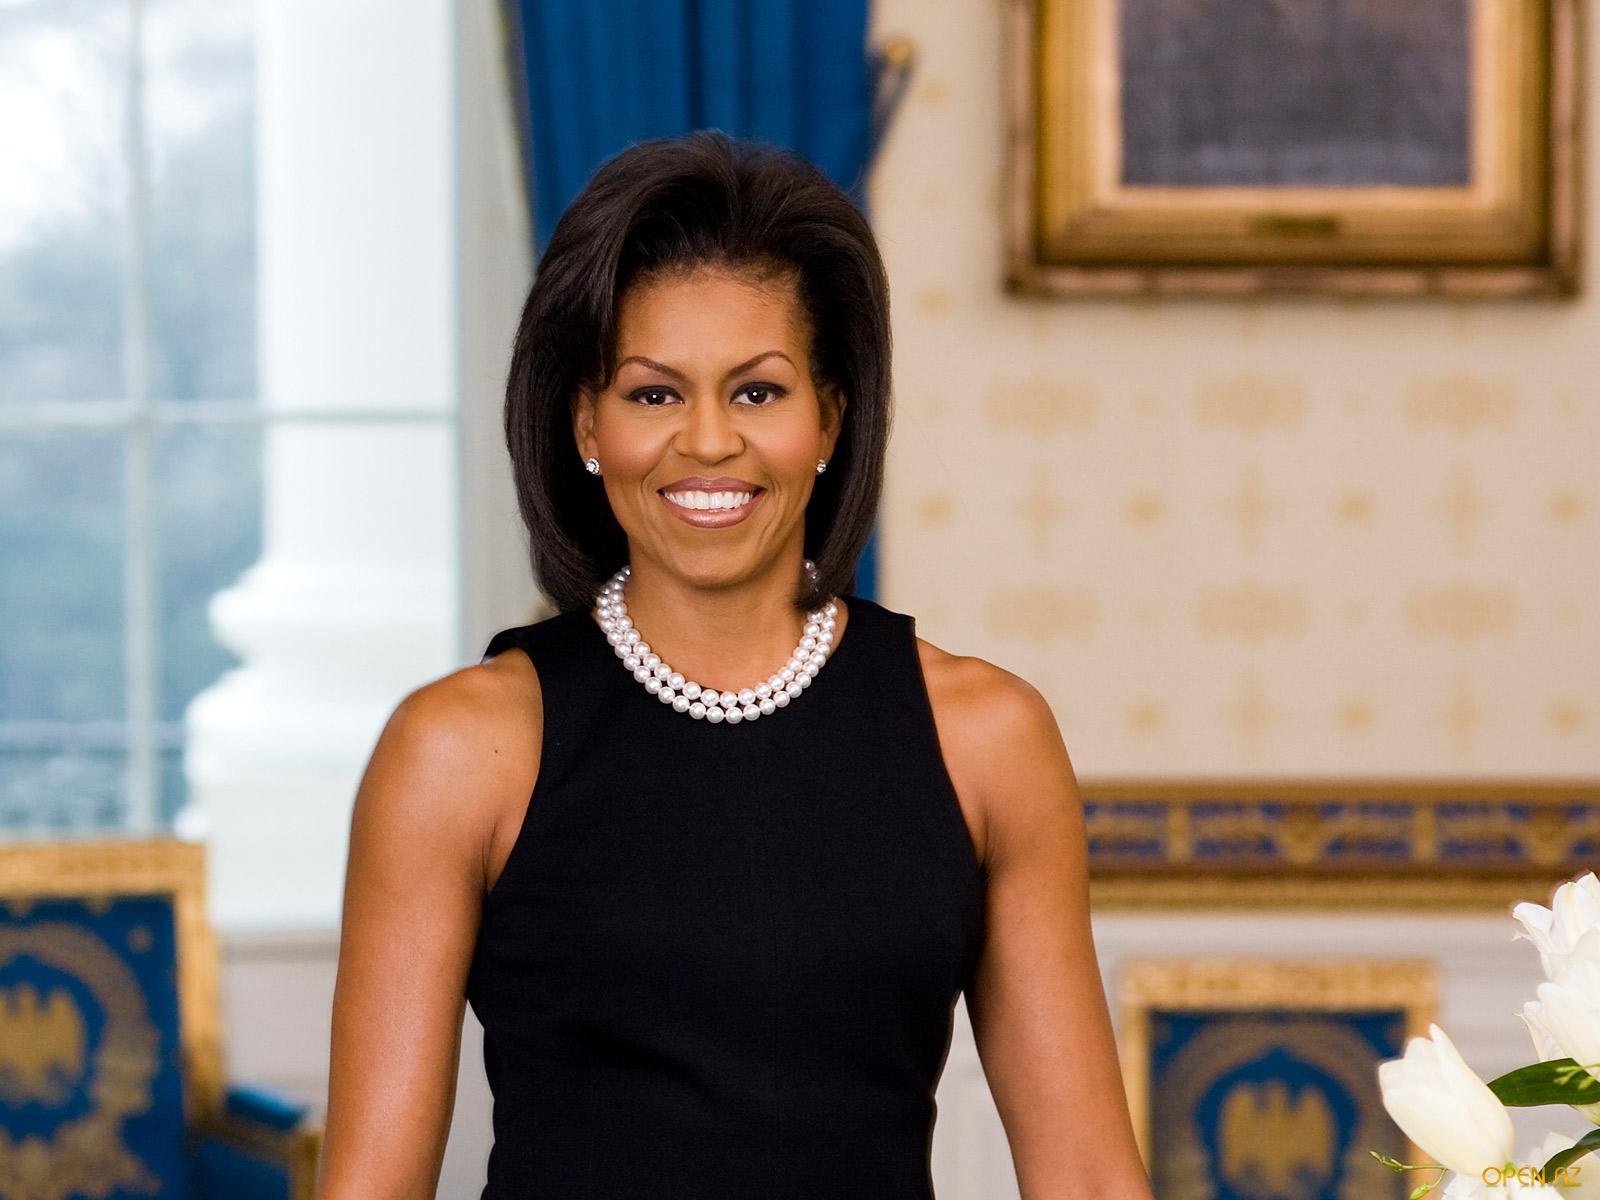 Книга Мишель Обамы стала самой продаваемой в 2018 году в США